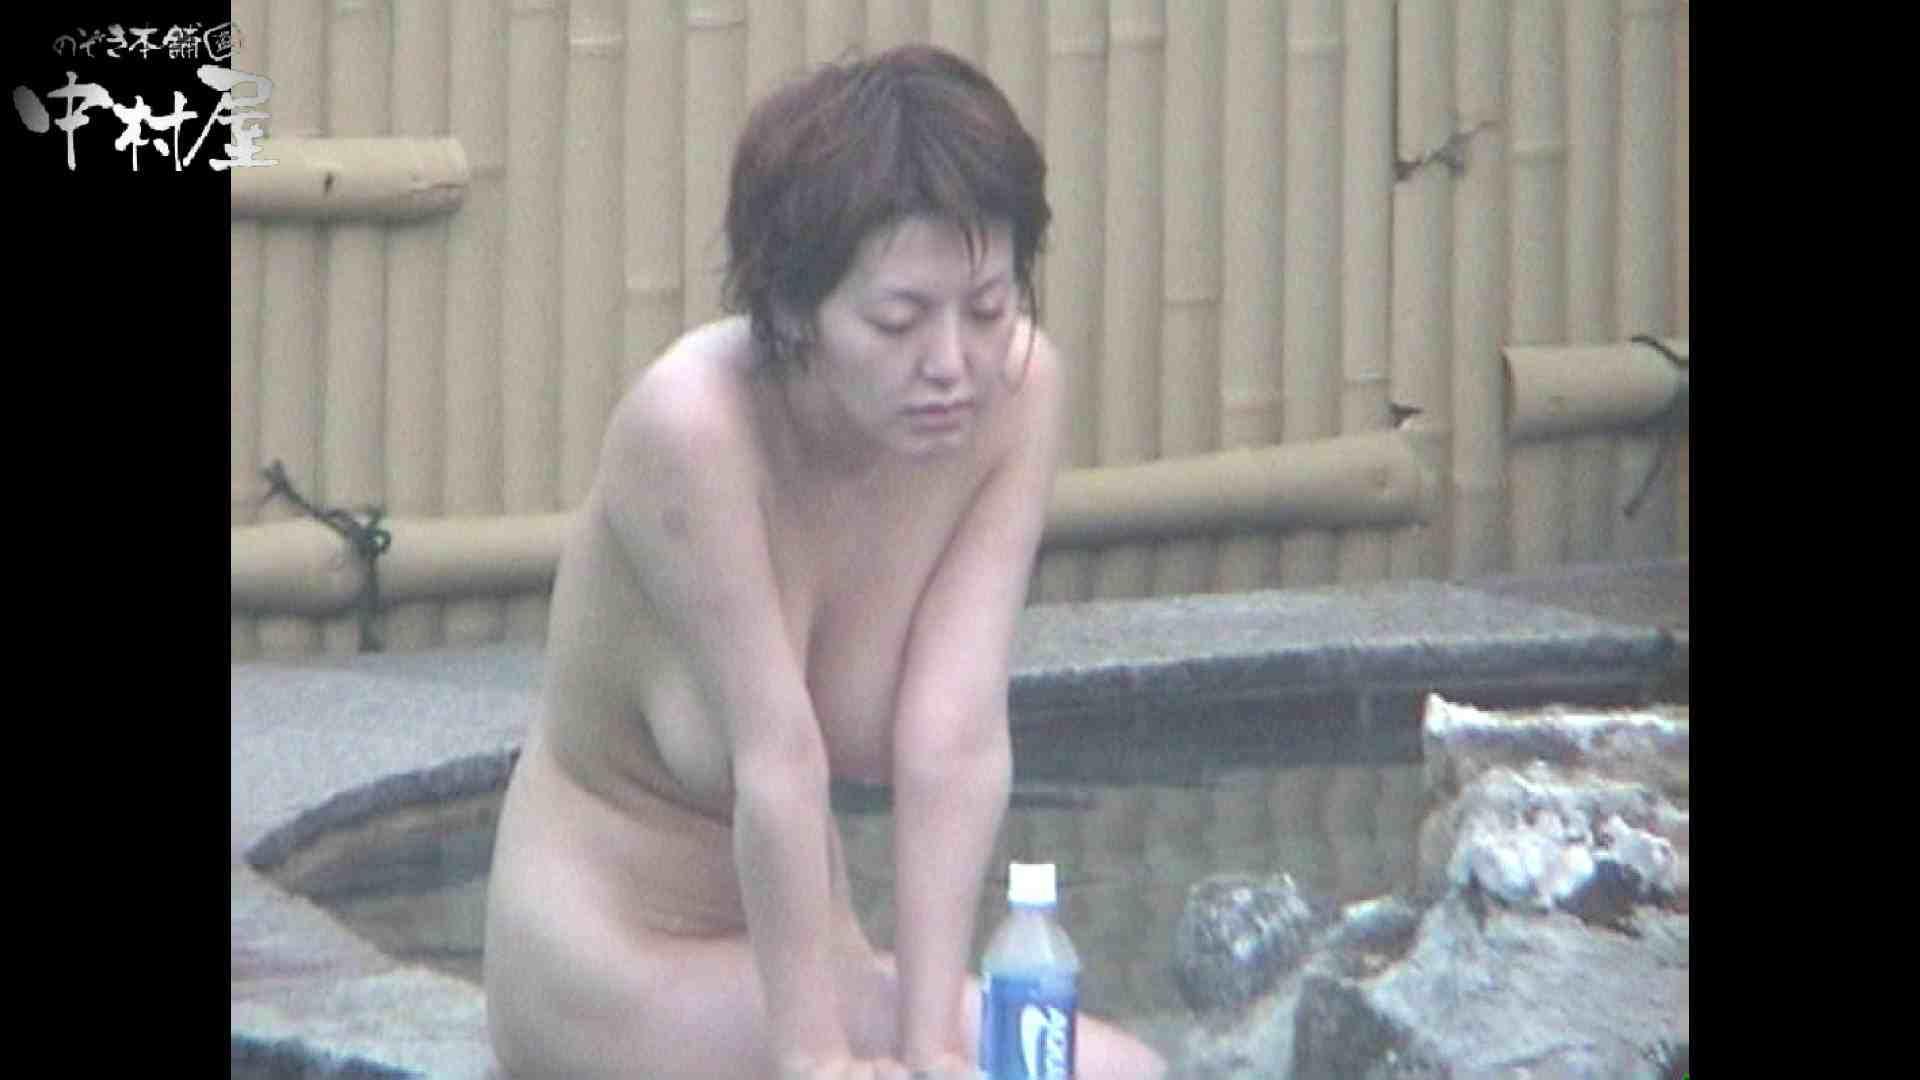 Aquaな露天風呂Vol.959 女体盗撮 | 露天  101連発 76